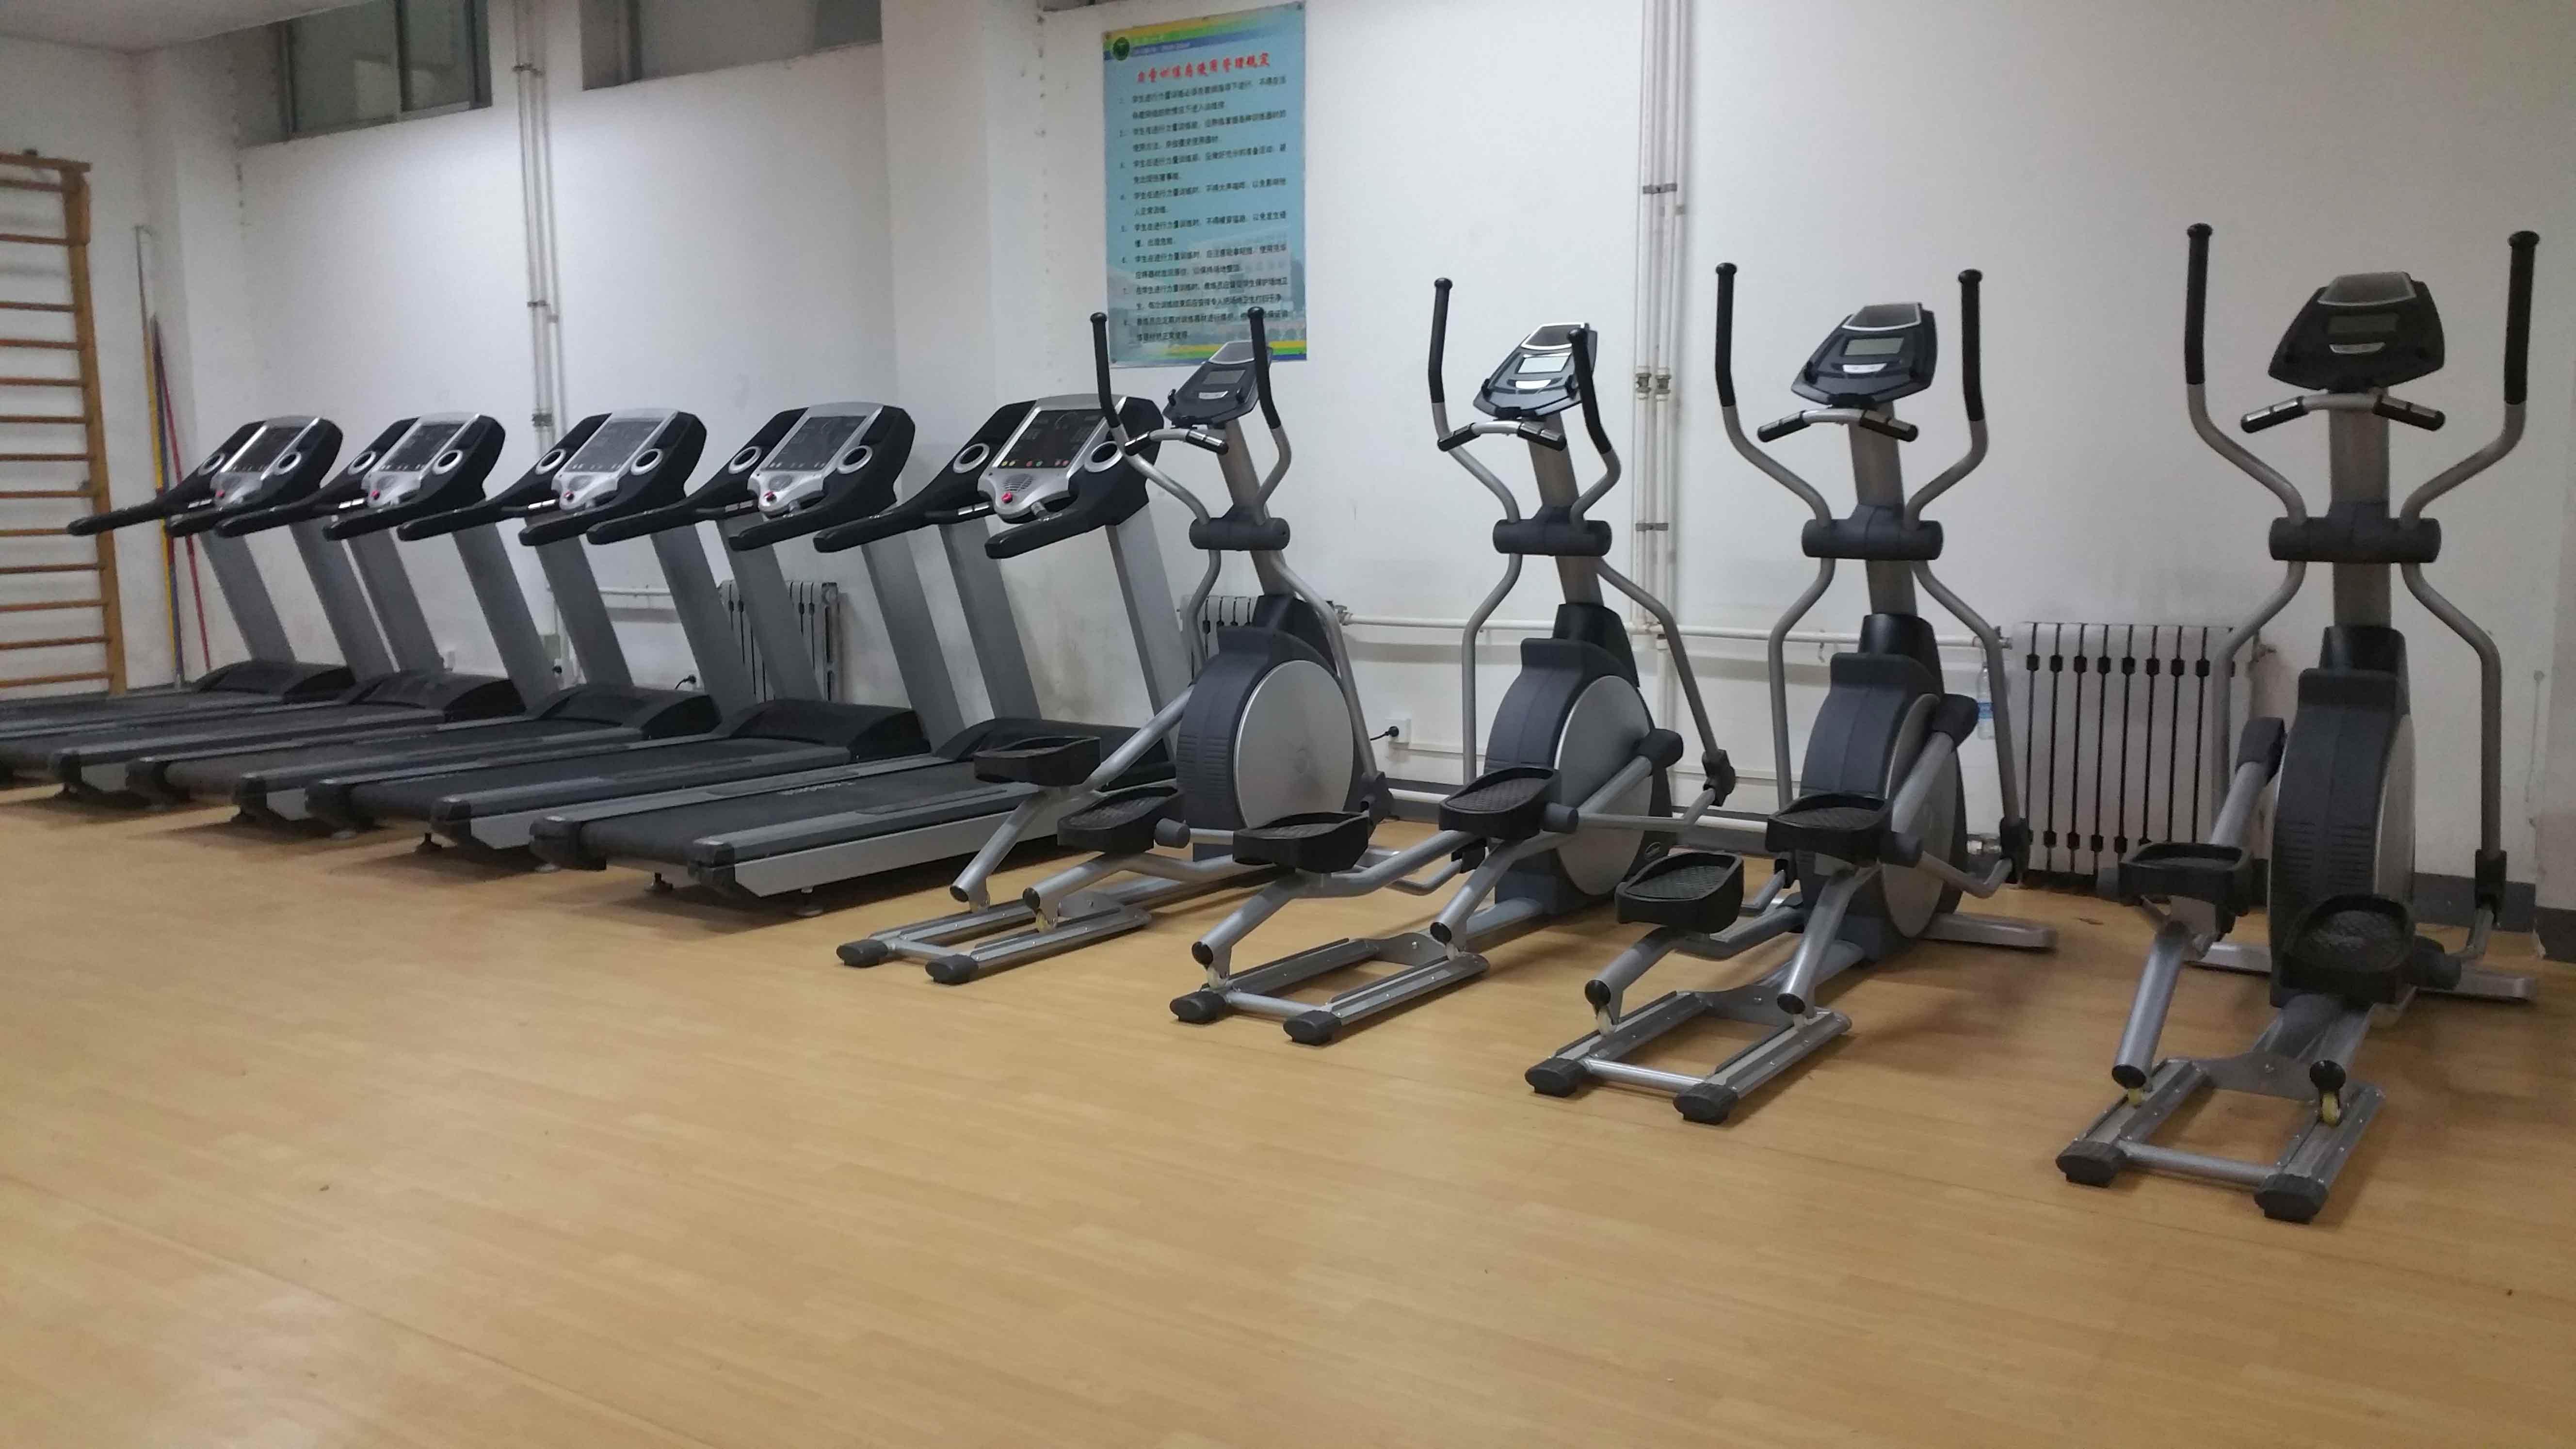 健身器材有哪些_健身房健身器材多少钱?